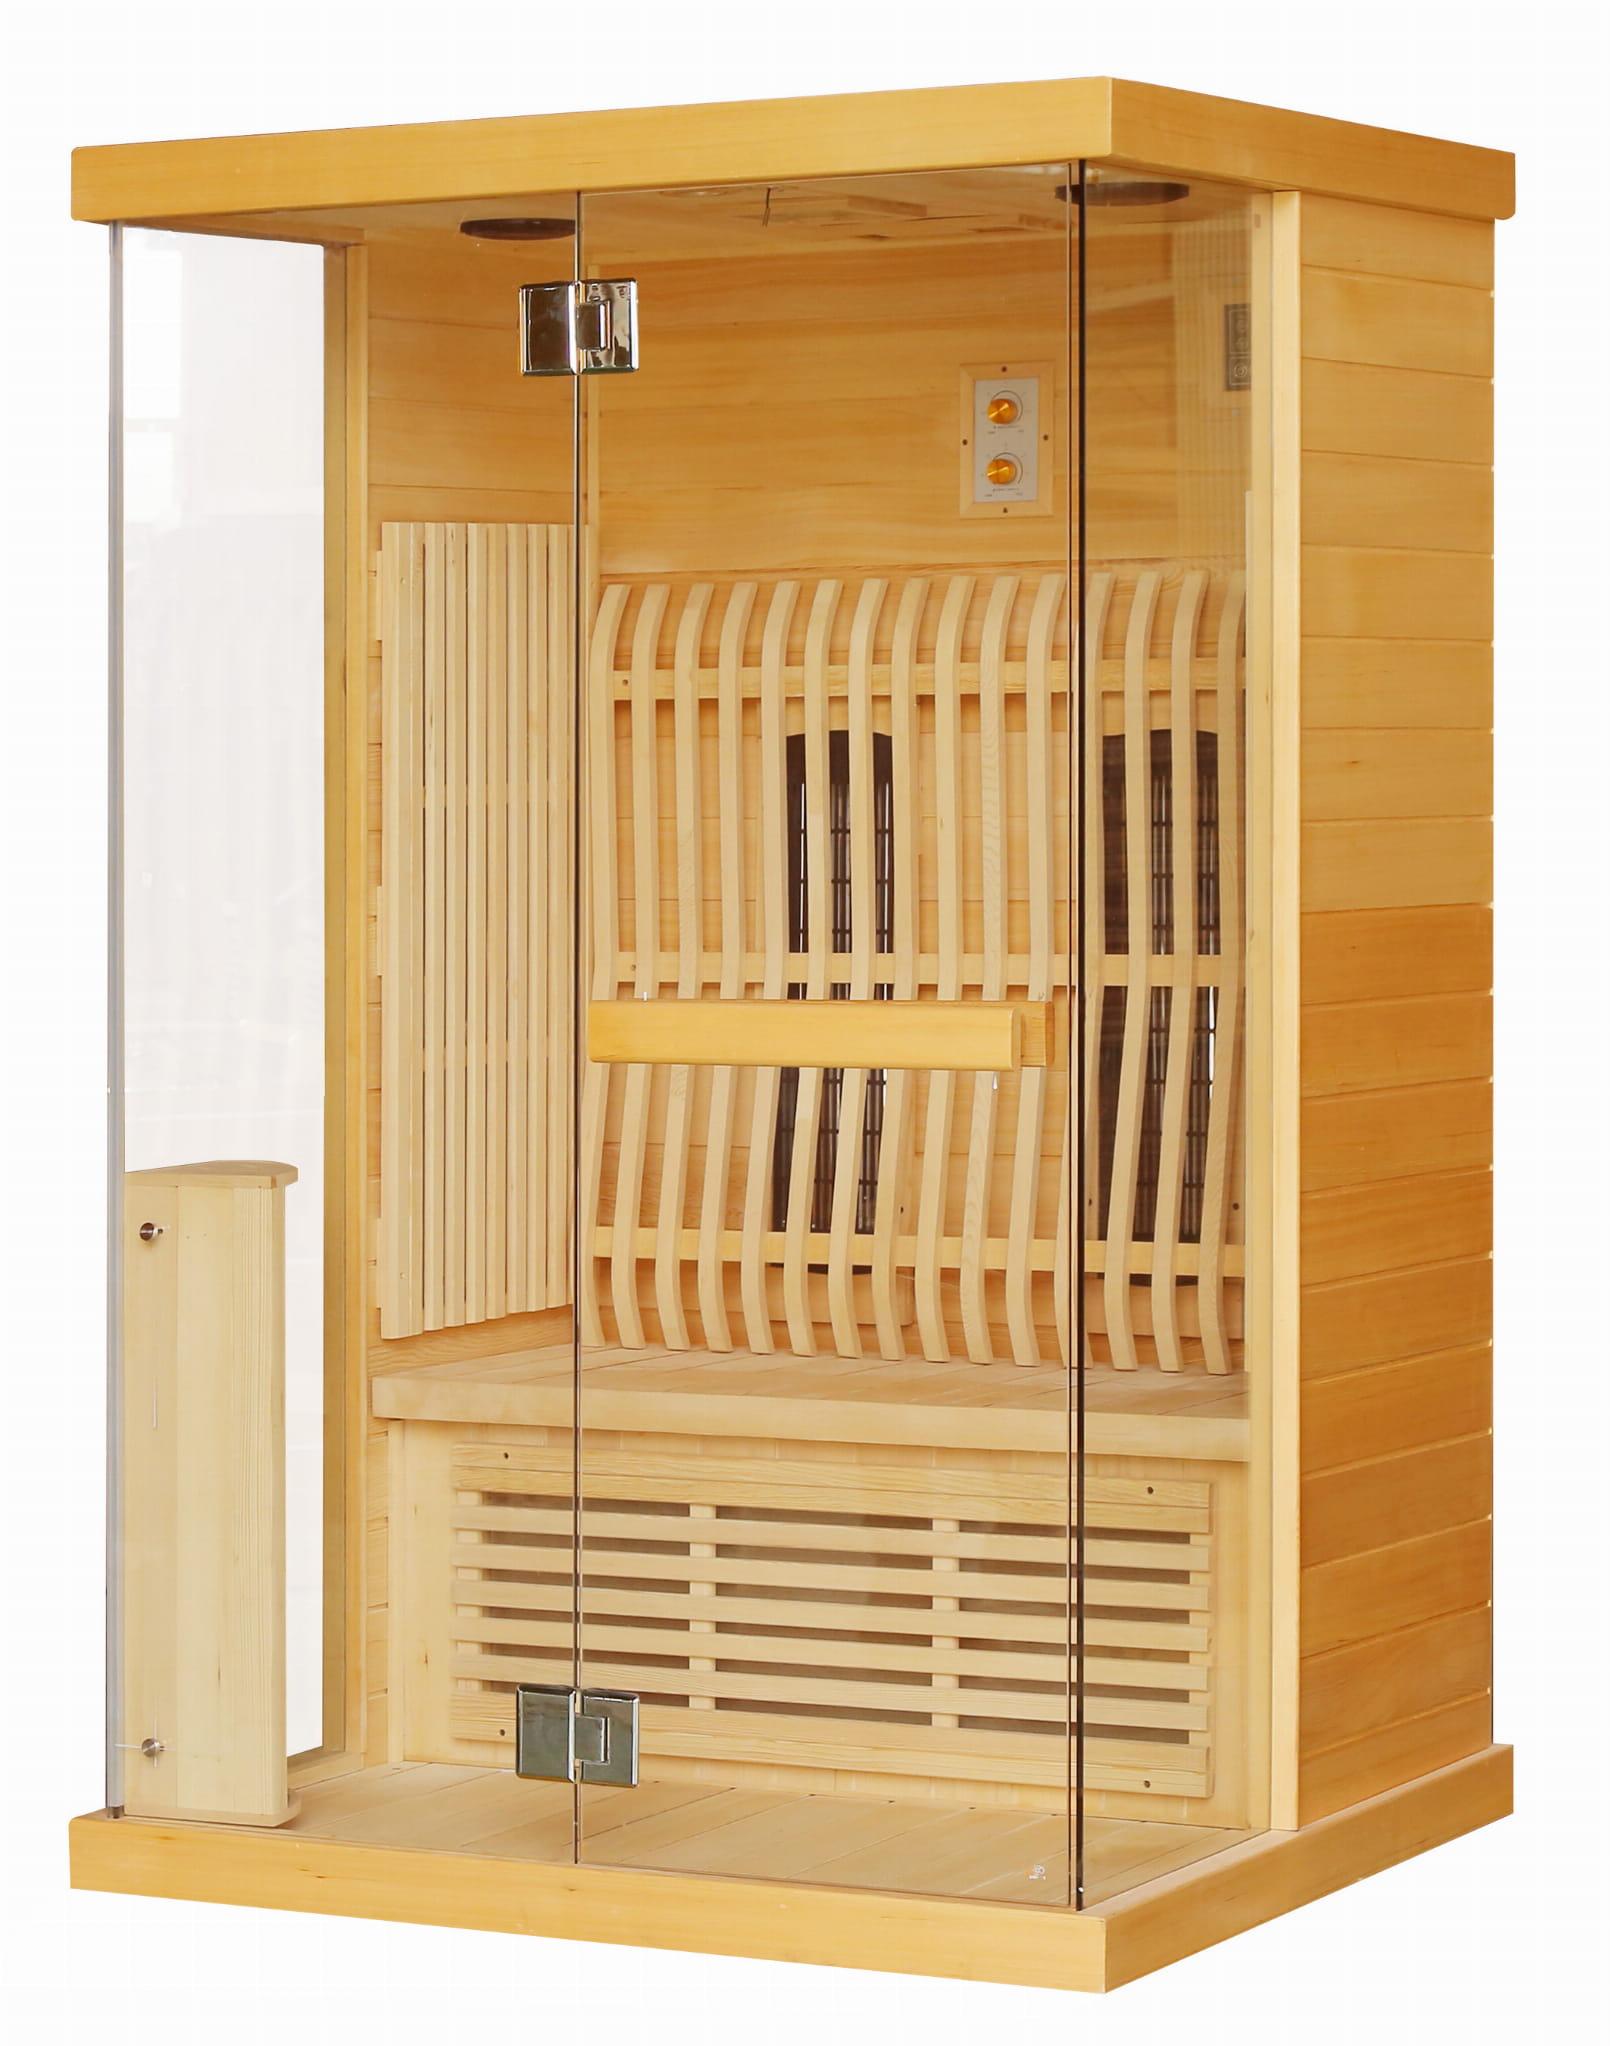 Sanotechnik - LUNA Infračervená sauna pre 2 osoby 123,6x103,6x200 cm H30330